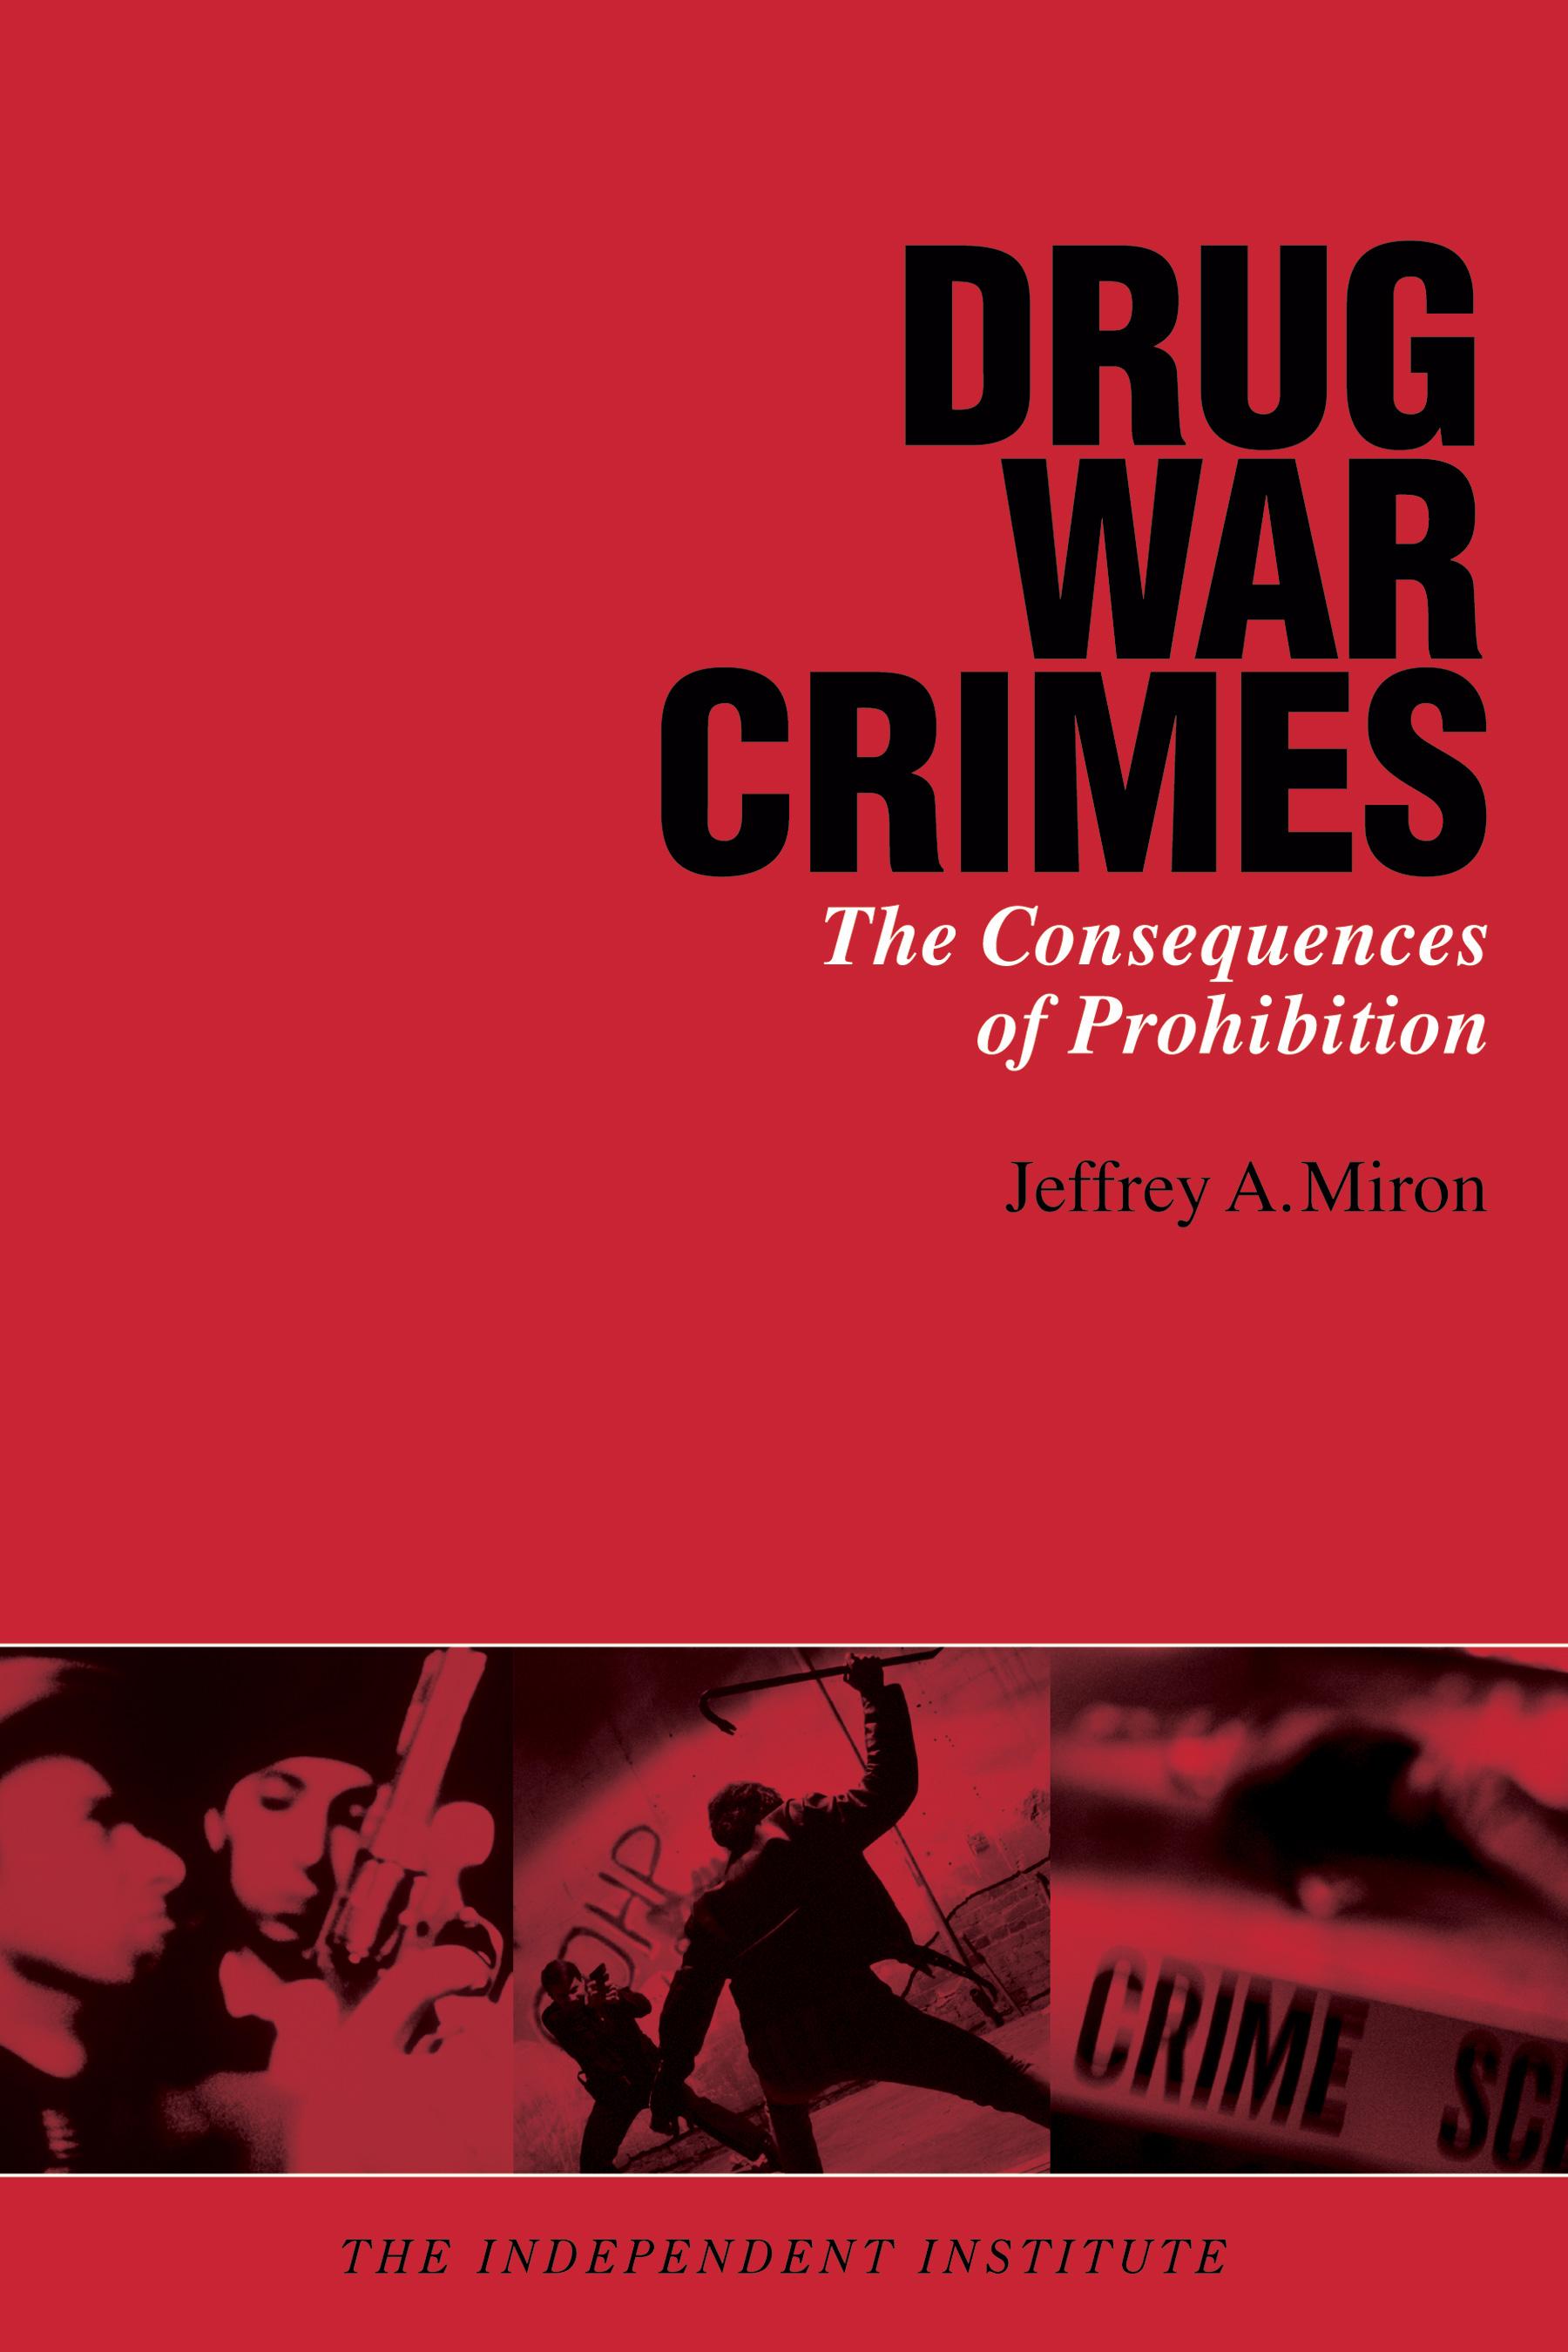 drug_war_crimes_1800.jpg